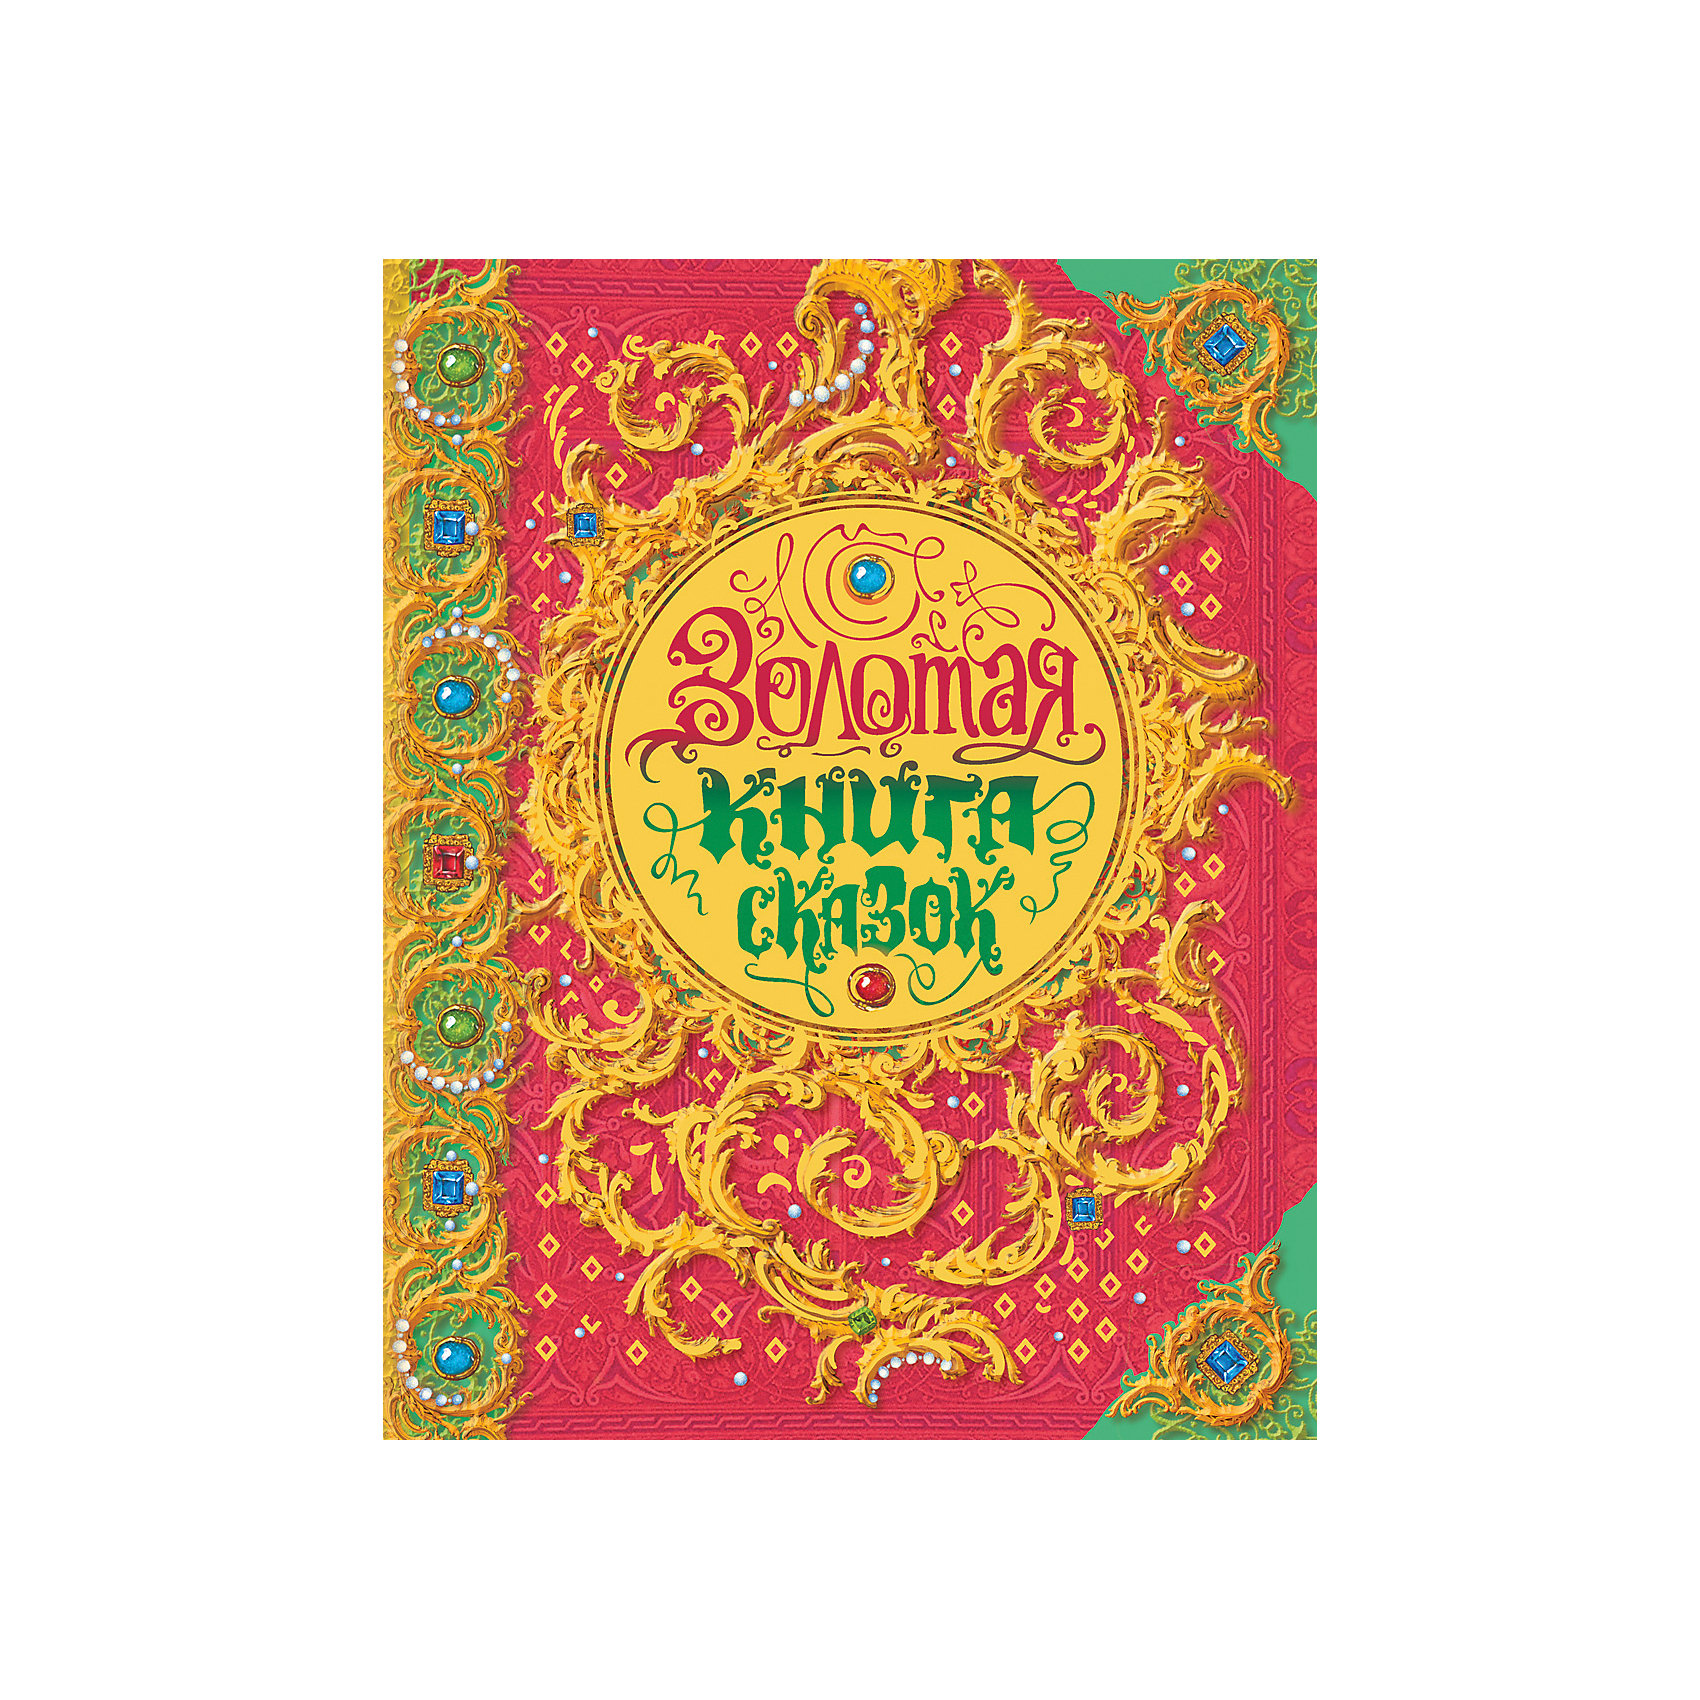 Росмэн Золотая книга сказок художественные книги росмэн книга кротик любимые истории